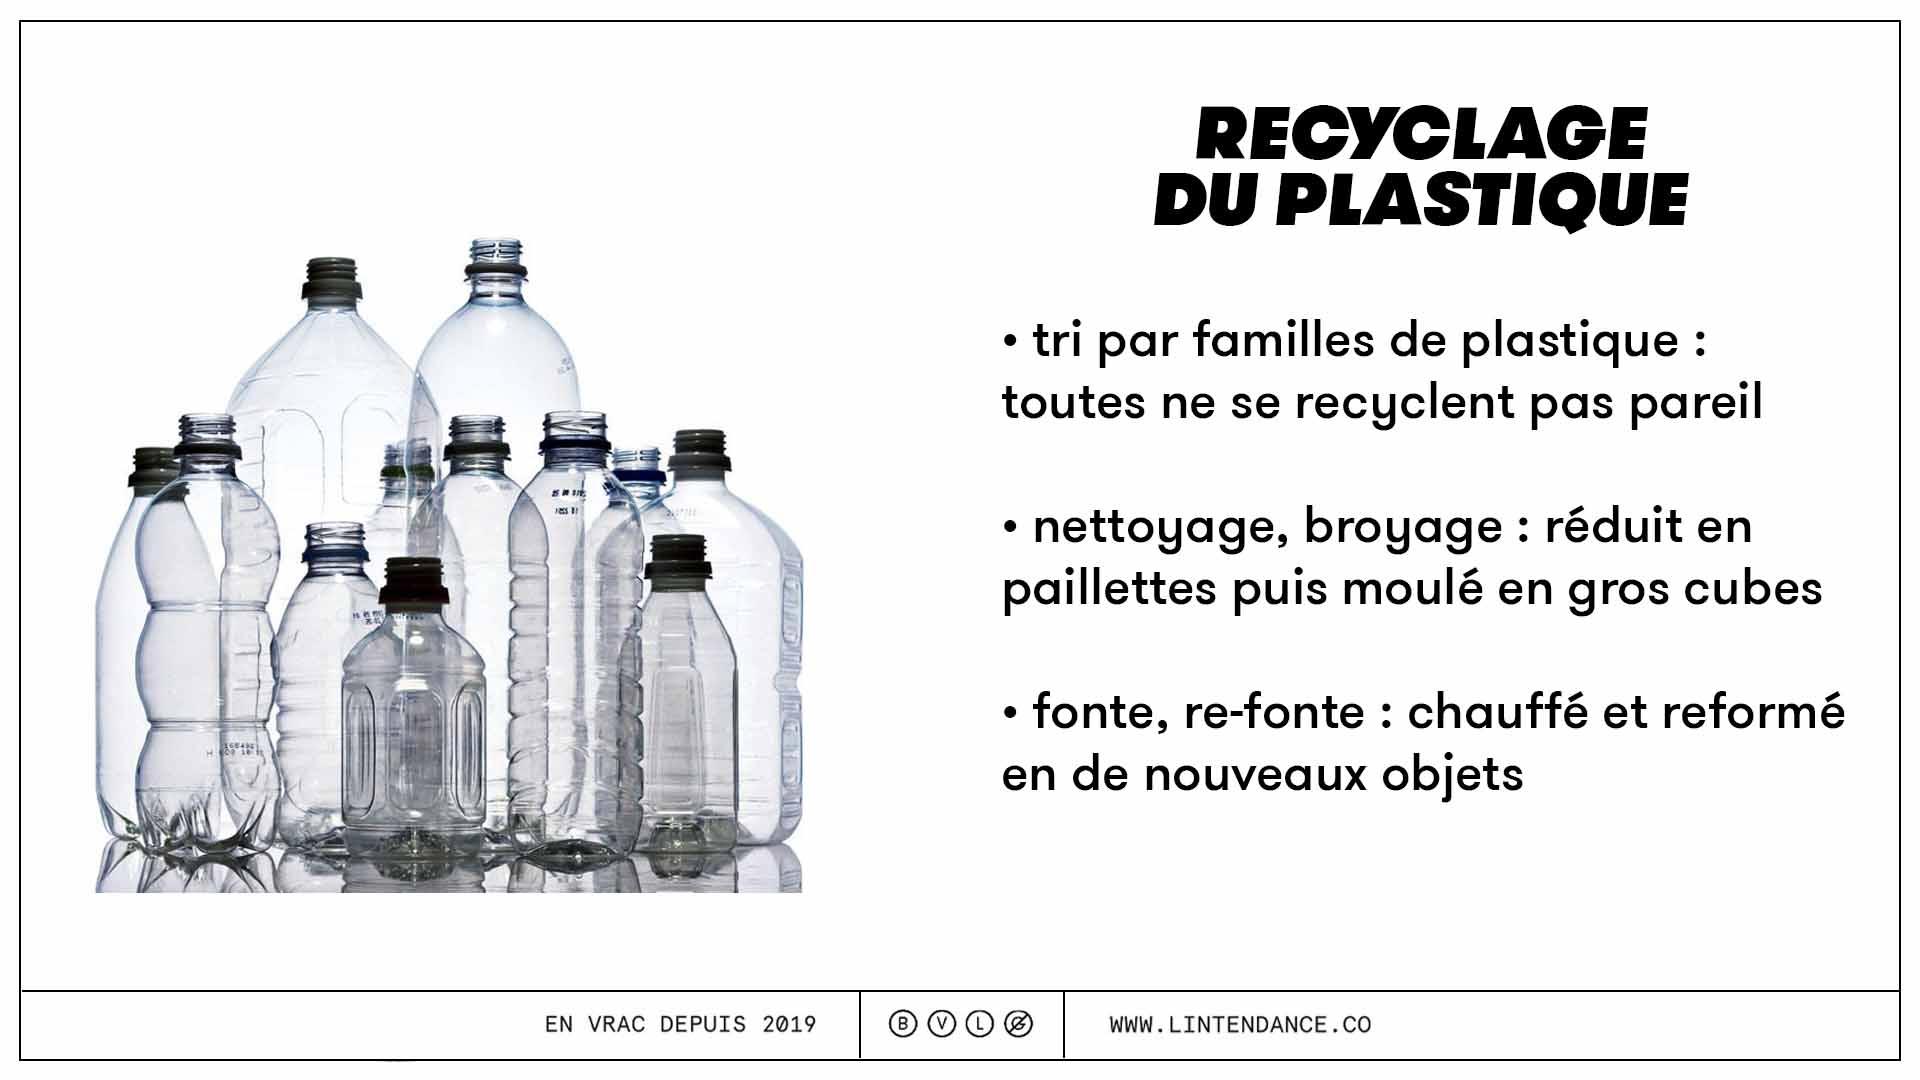 Recyclage du plastique recyclé environnement zéro déchet